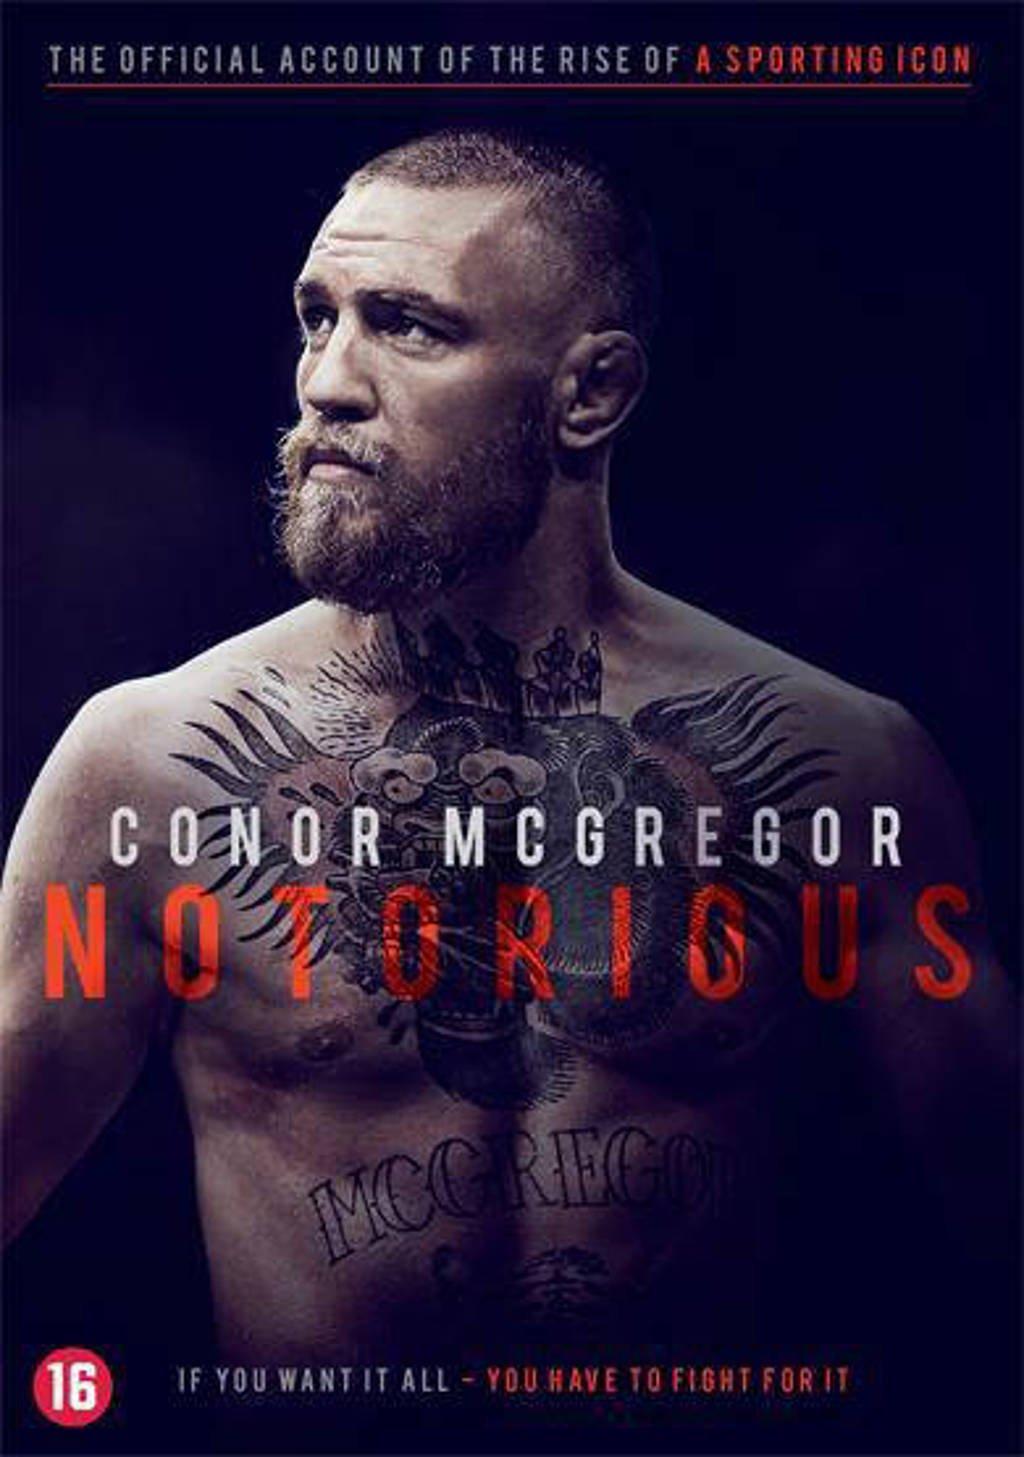 Conor McGregor - Notorious (DVD)